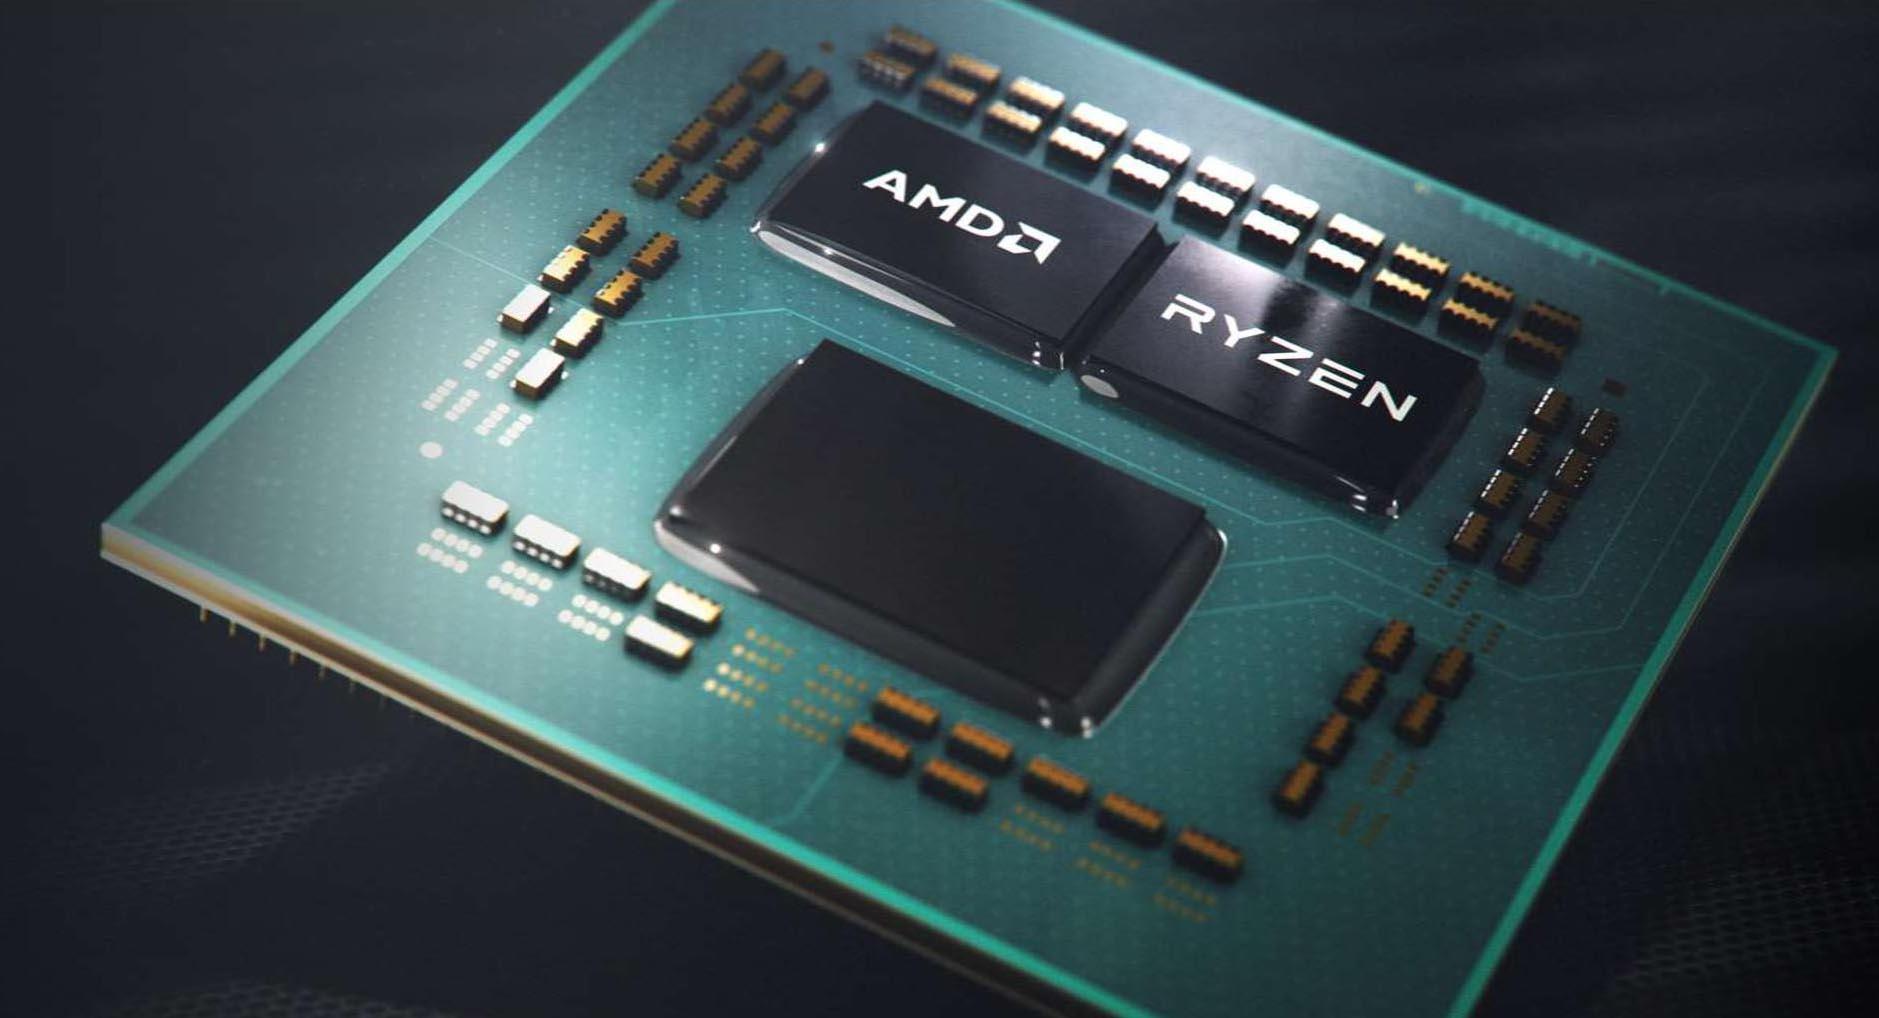 Nuevos benchmarks del AMD Ryzen 9 3900X